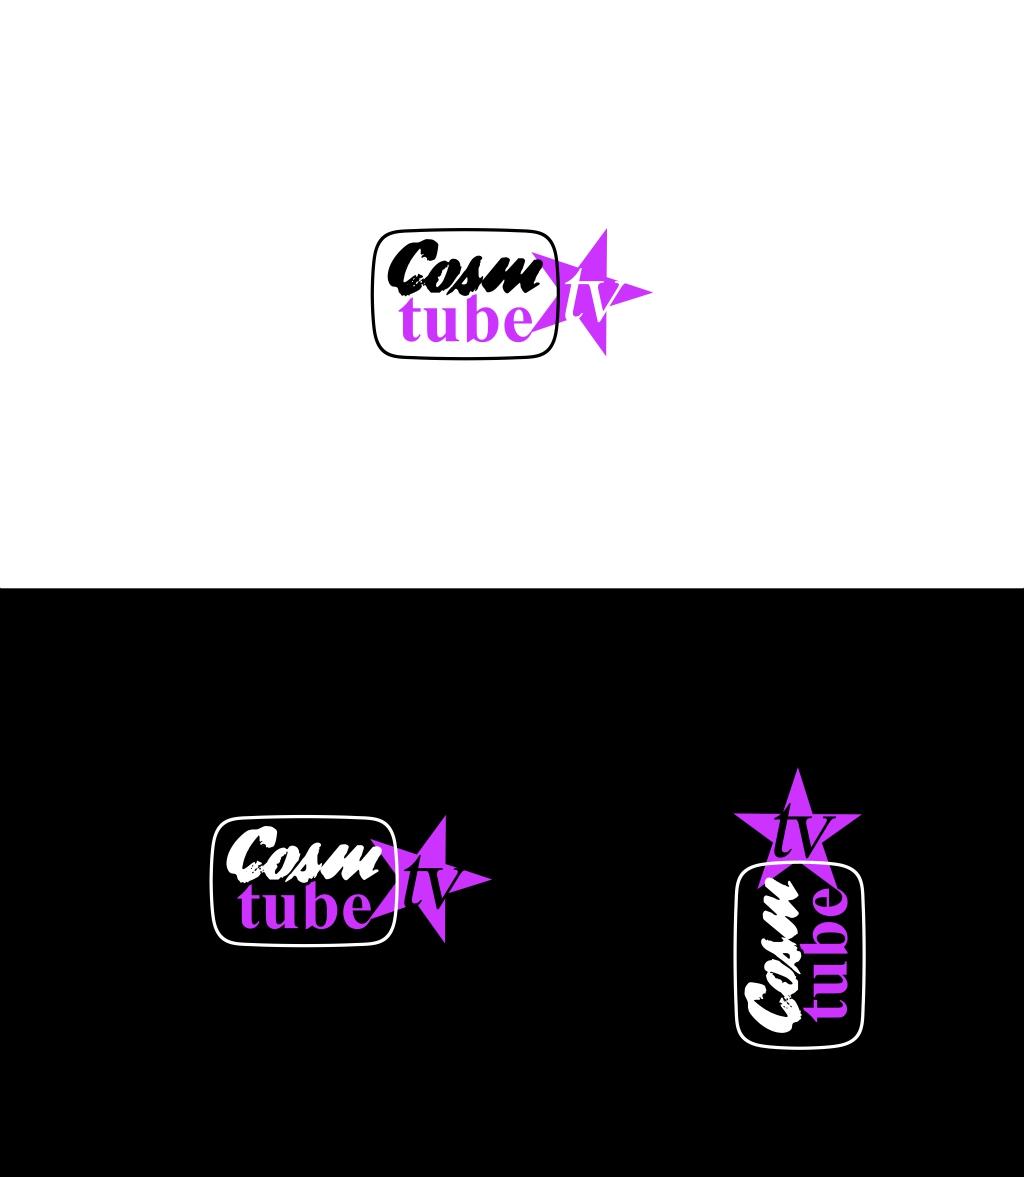 Создание логотипа фото f_09959d6553d54959.jpg